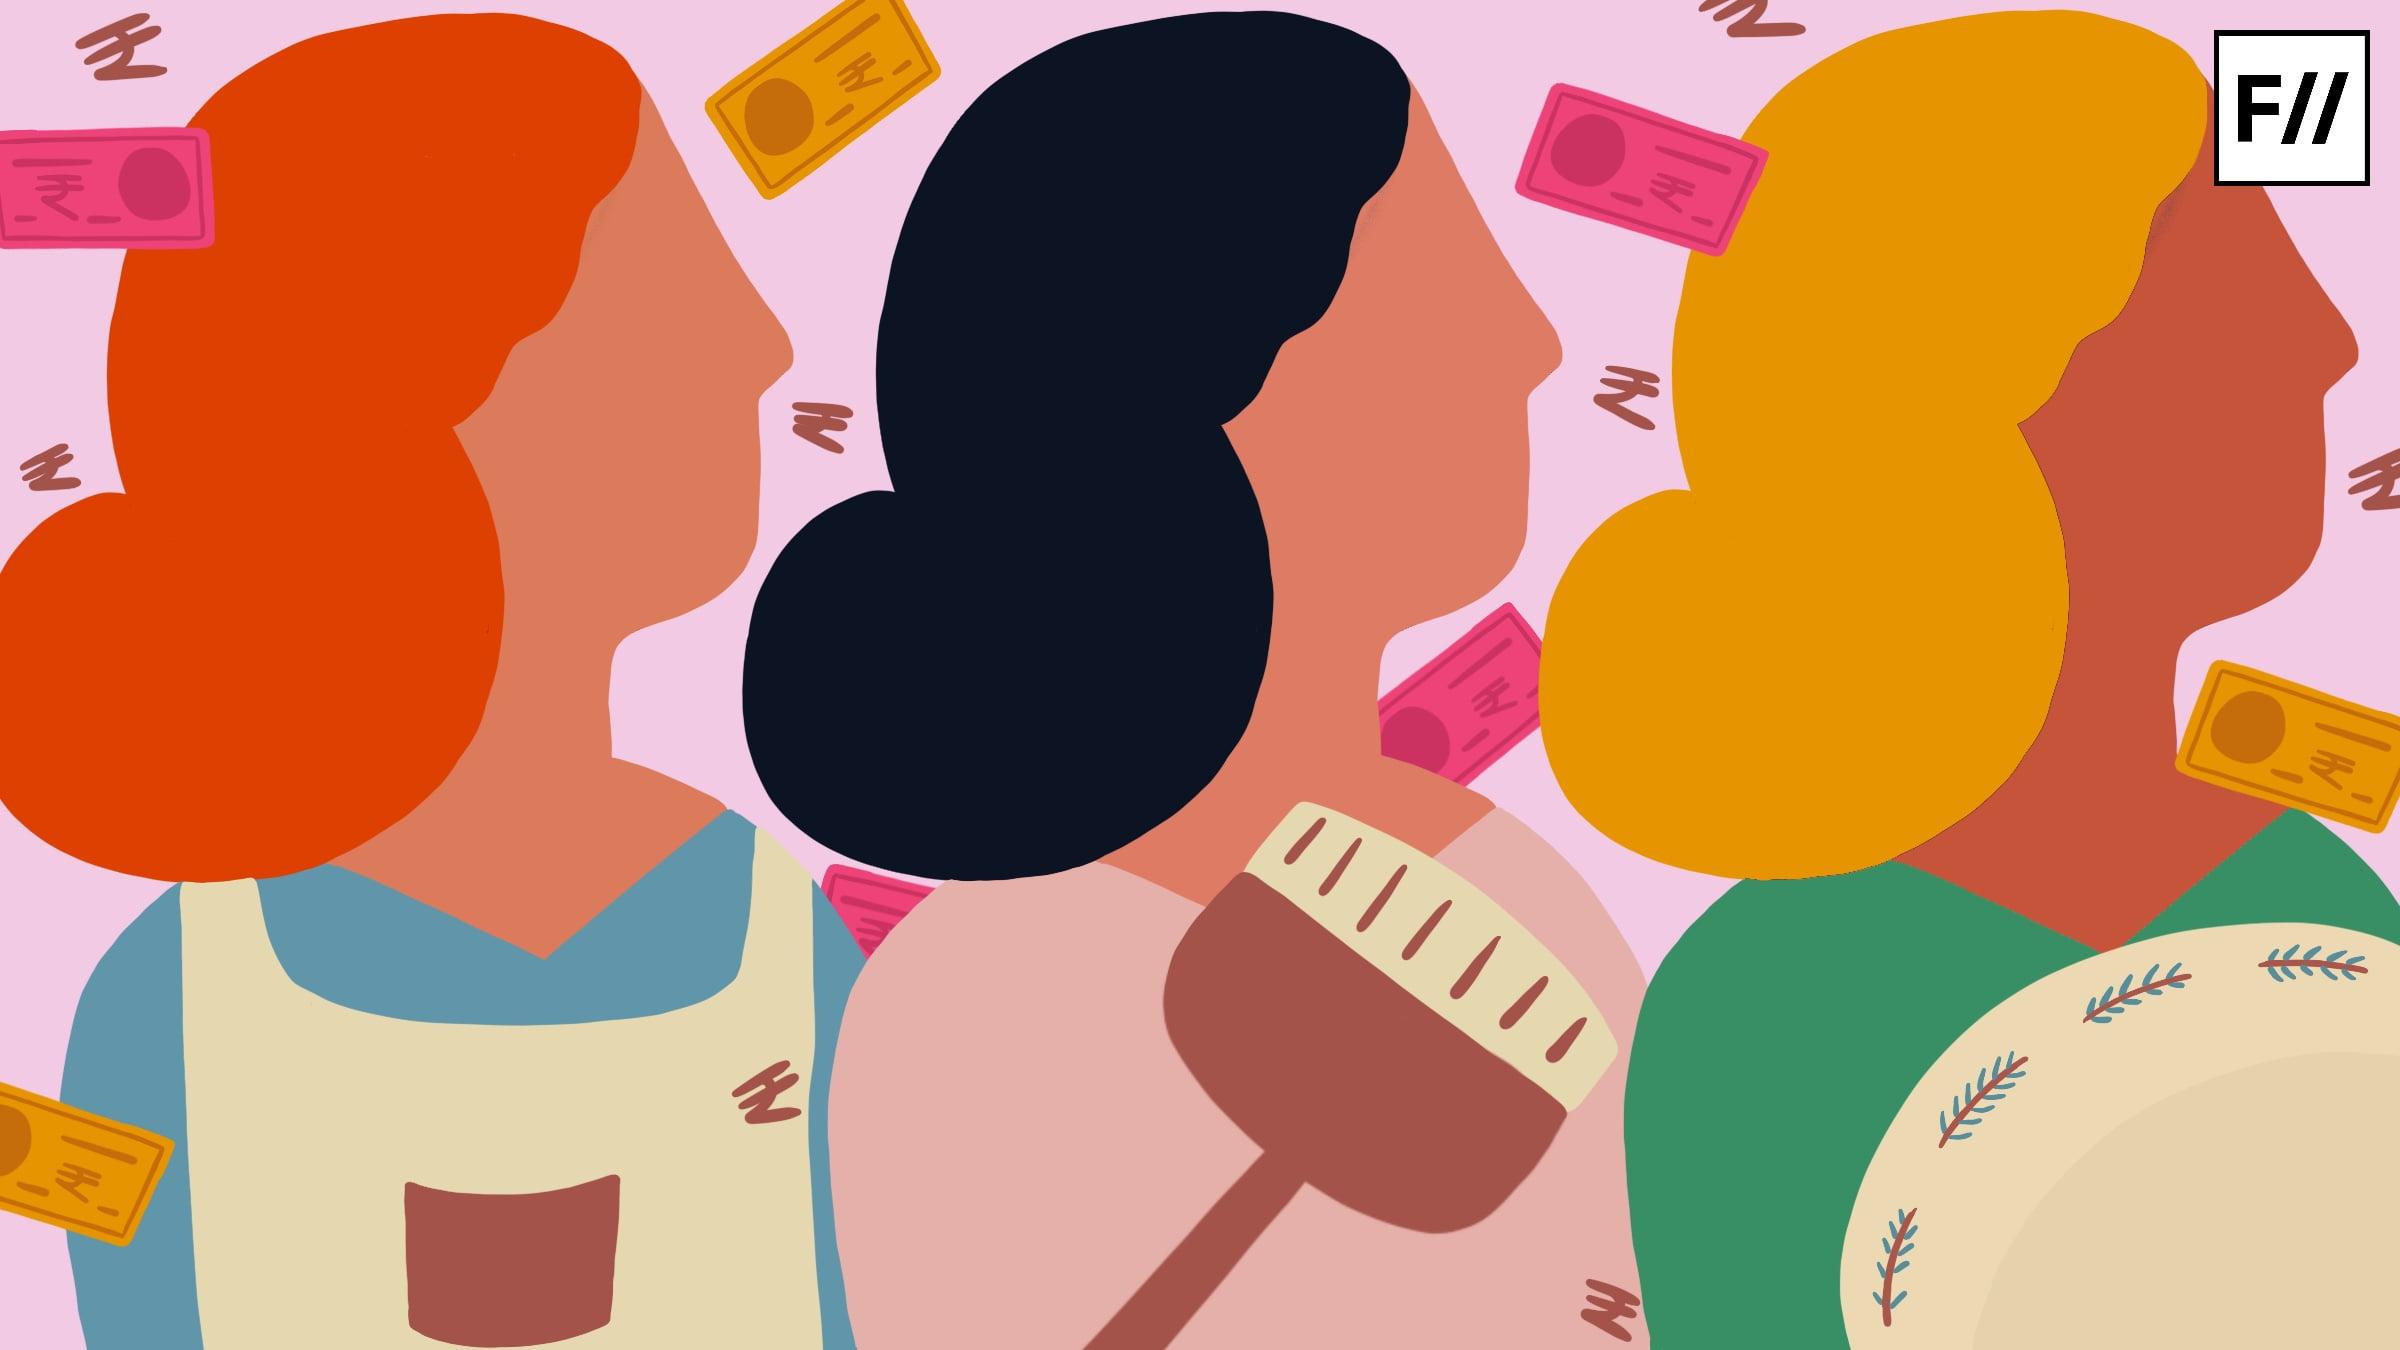 अपना रोज़गार खुद ढूंढने वाली महिलाओं पर दोहरे काम का भार आख़िर कब तक